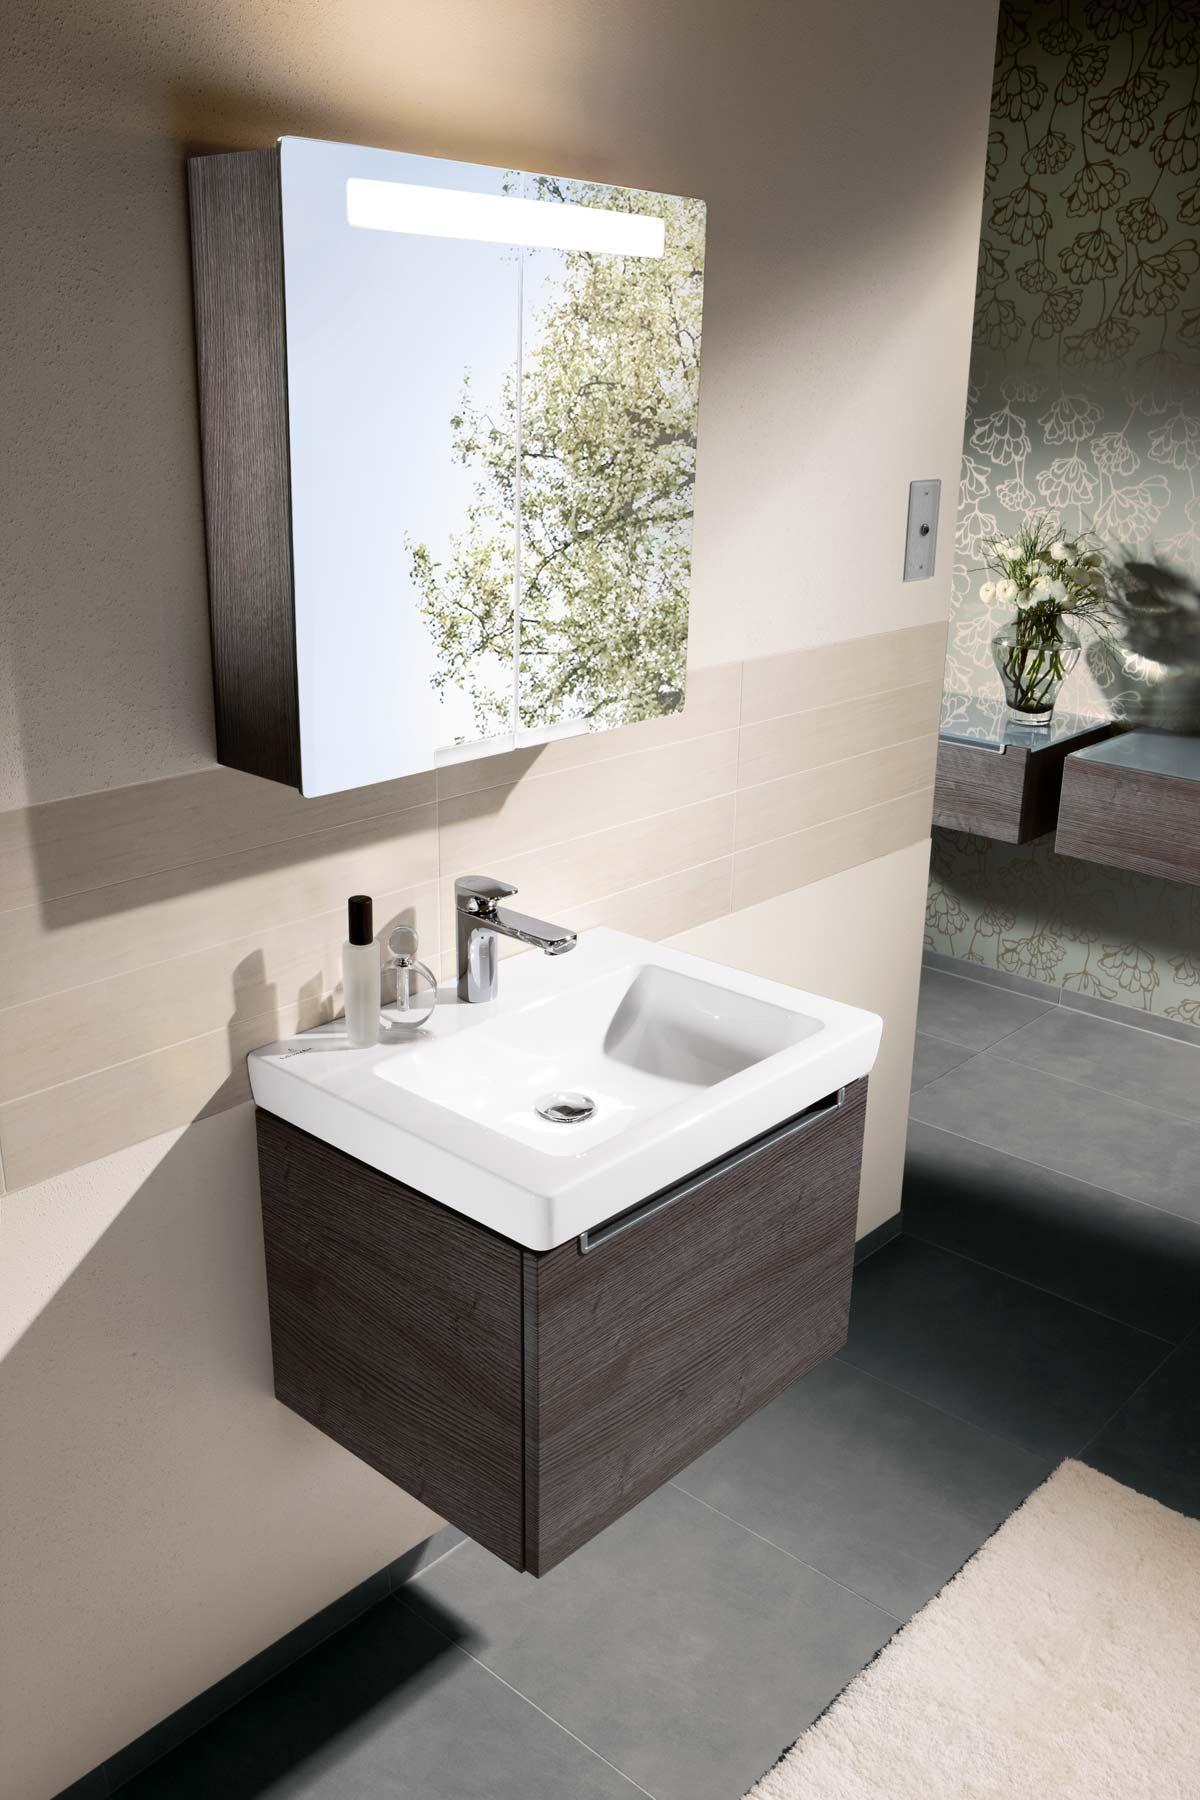 Villeroy Boch Subway 2 0 Furniture Oak Graphite Mit Bildern Waschtischunterbauten Badezimmer Accessoires Villeroy